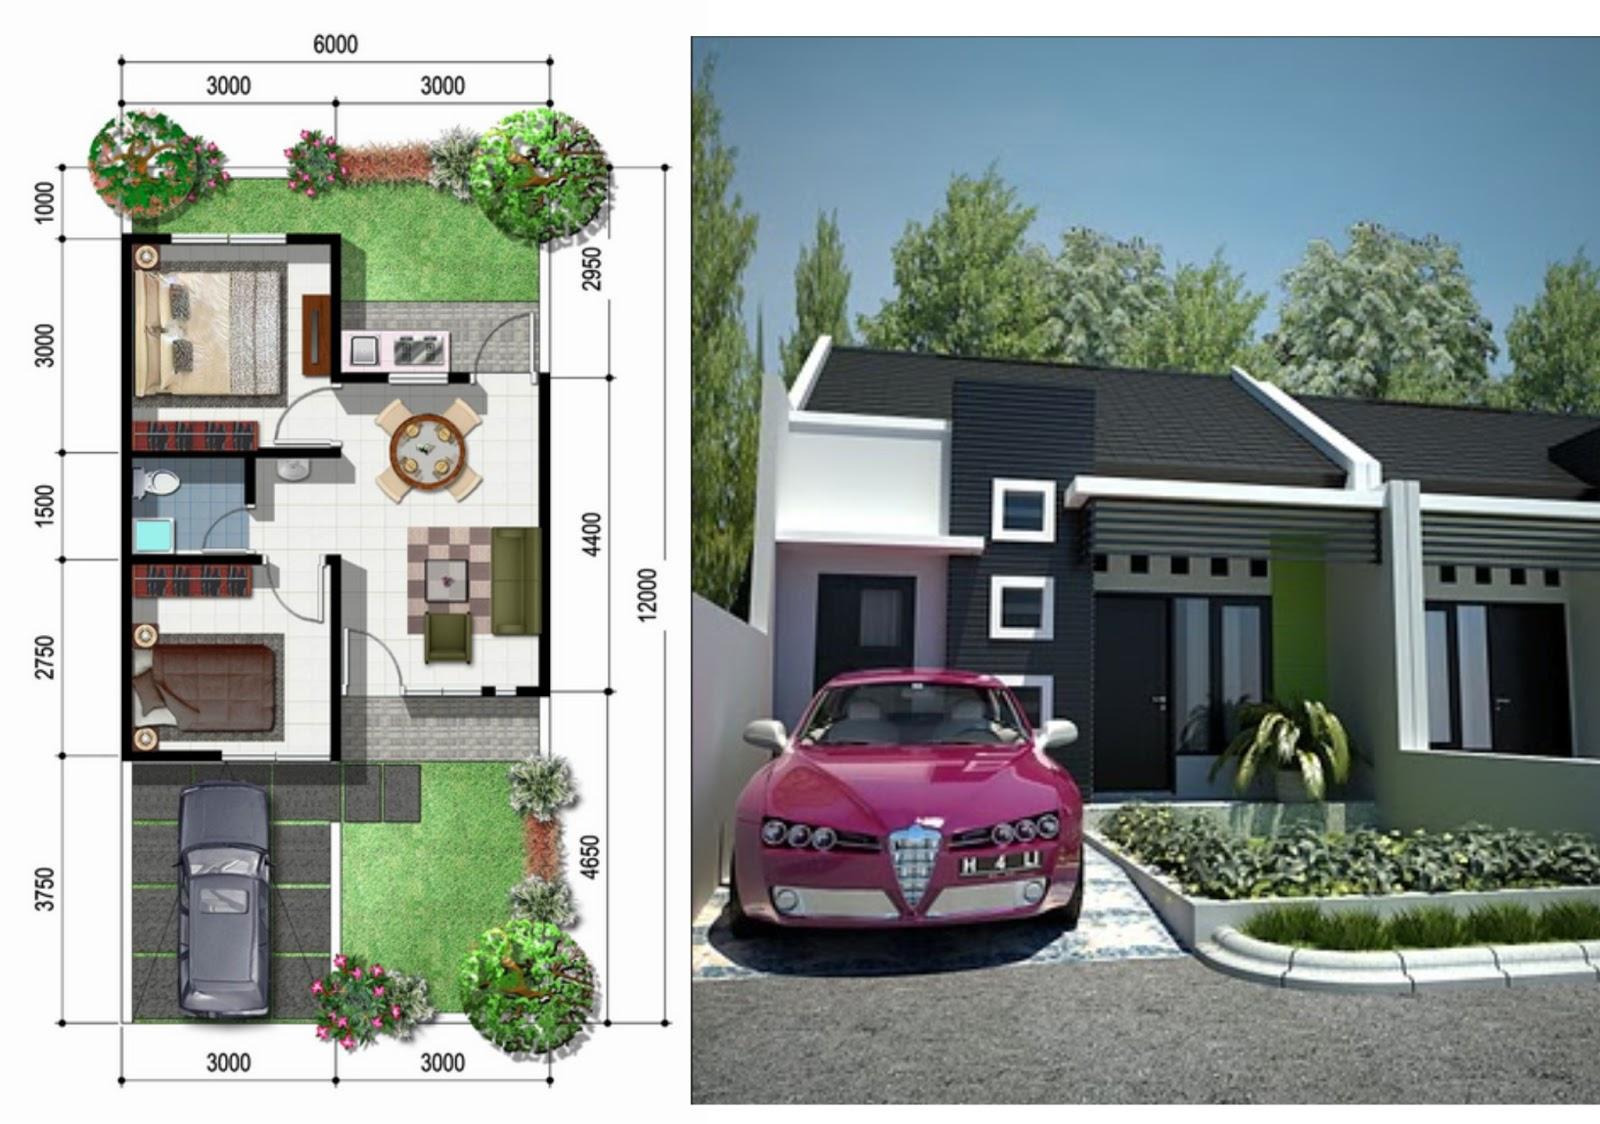 So, Sebelum memutuskan desain 36 yang paling bagus untuk di wujudkan, pastikan sudah memiliki plan yang matang dan telah di konsultasikan bersama seluruh angota keluarga dan orang yang memahami konsep rumah.